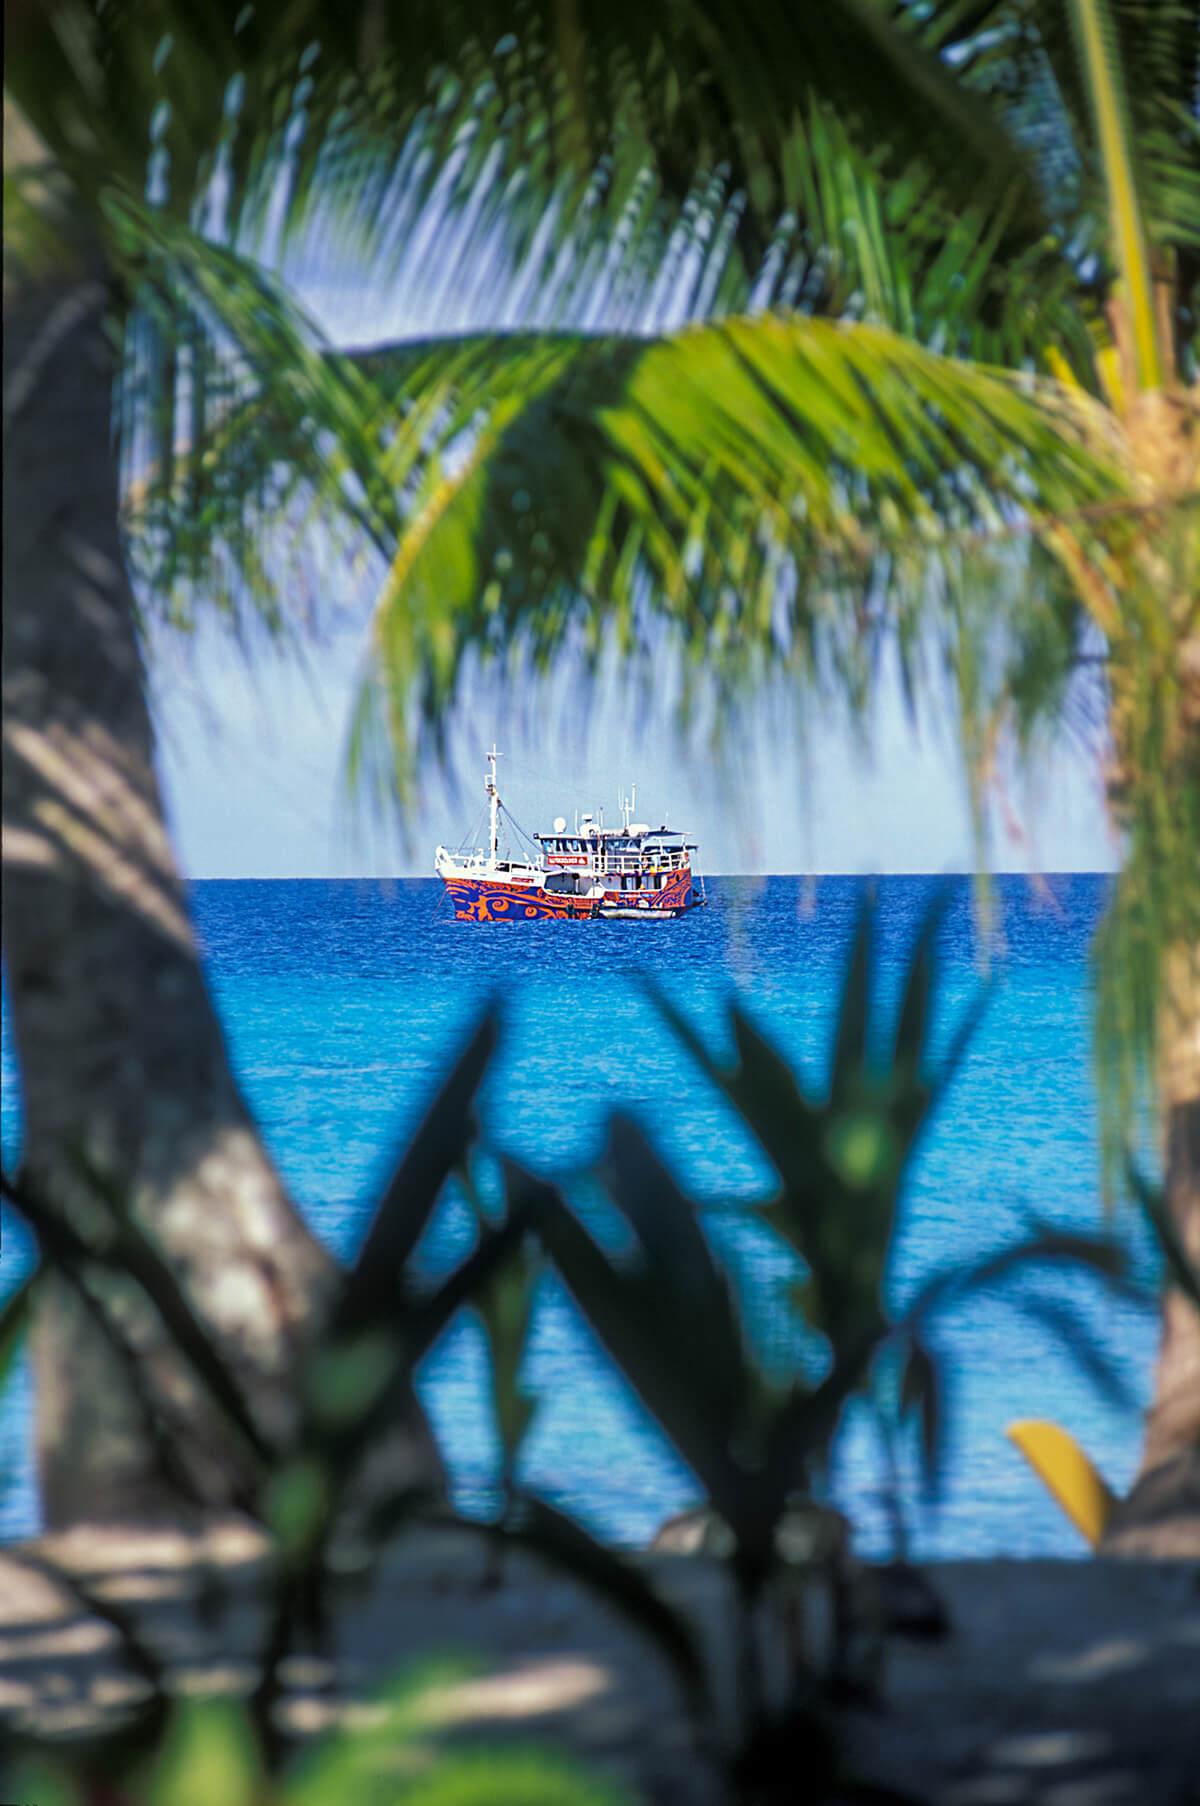 LifeViews-Photographie-Paysage-Tahiti003